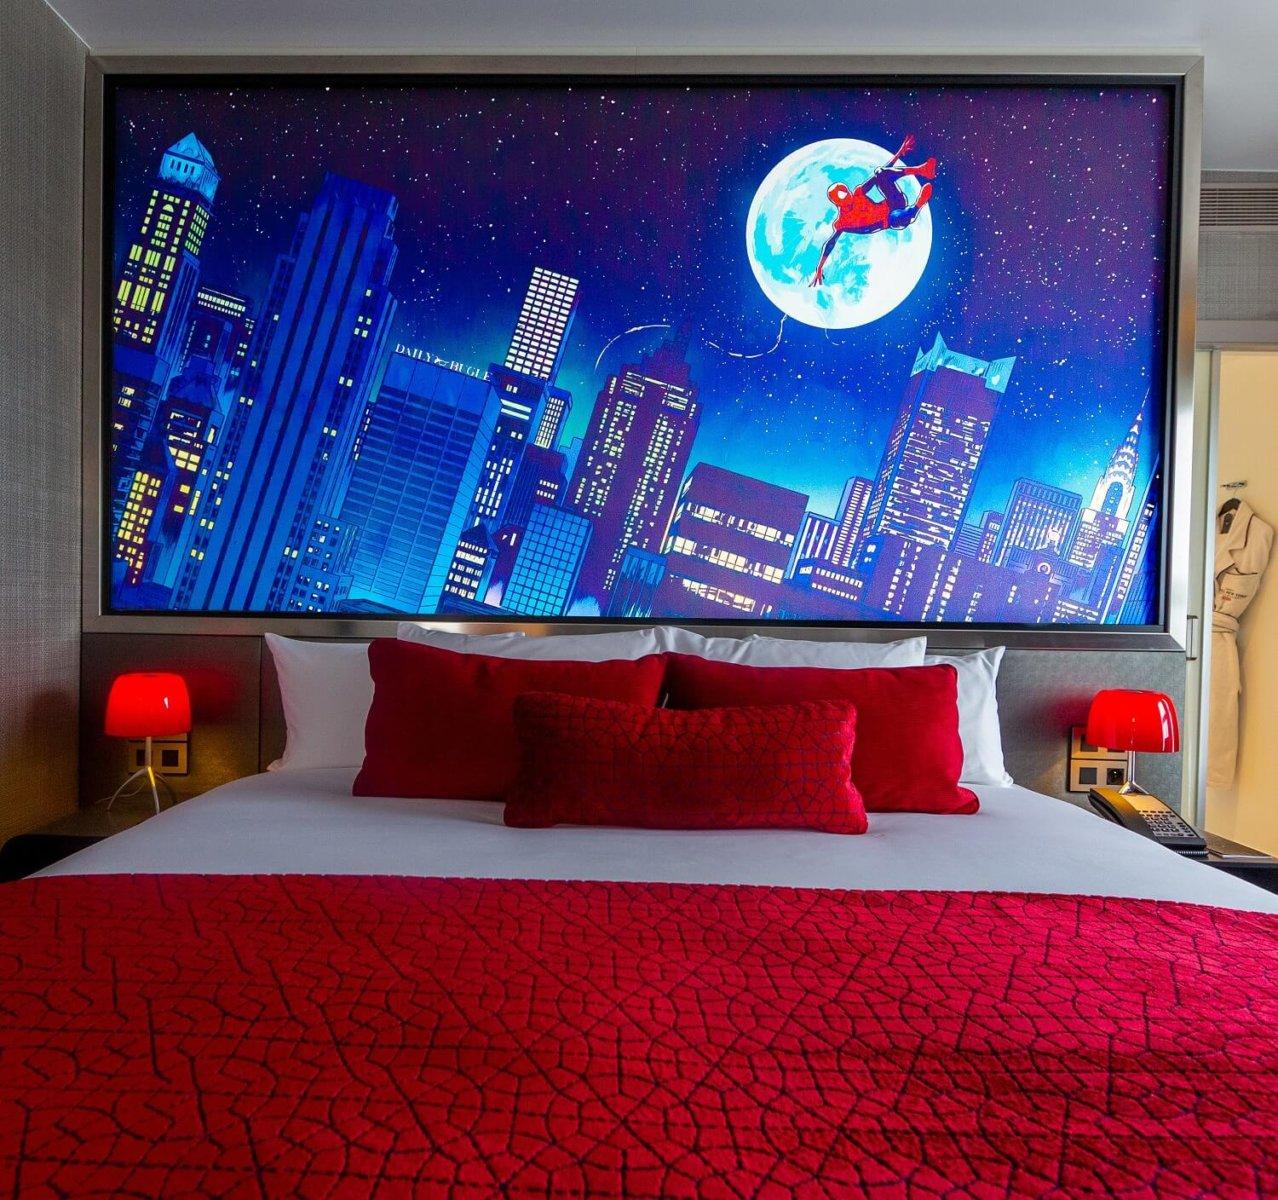 Ein Bett mit rotem Überwurf und roten Kissen, über dem ein großes Bild von Spiderman über den Dächern New Yorks hängt